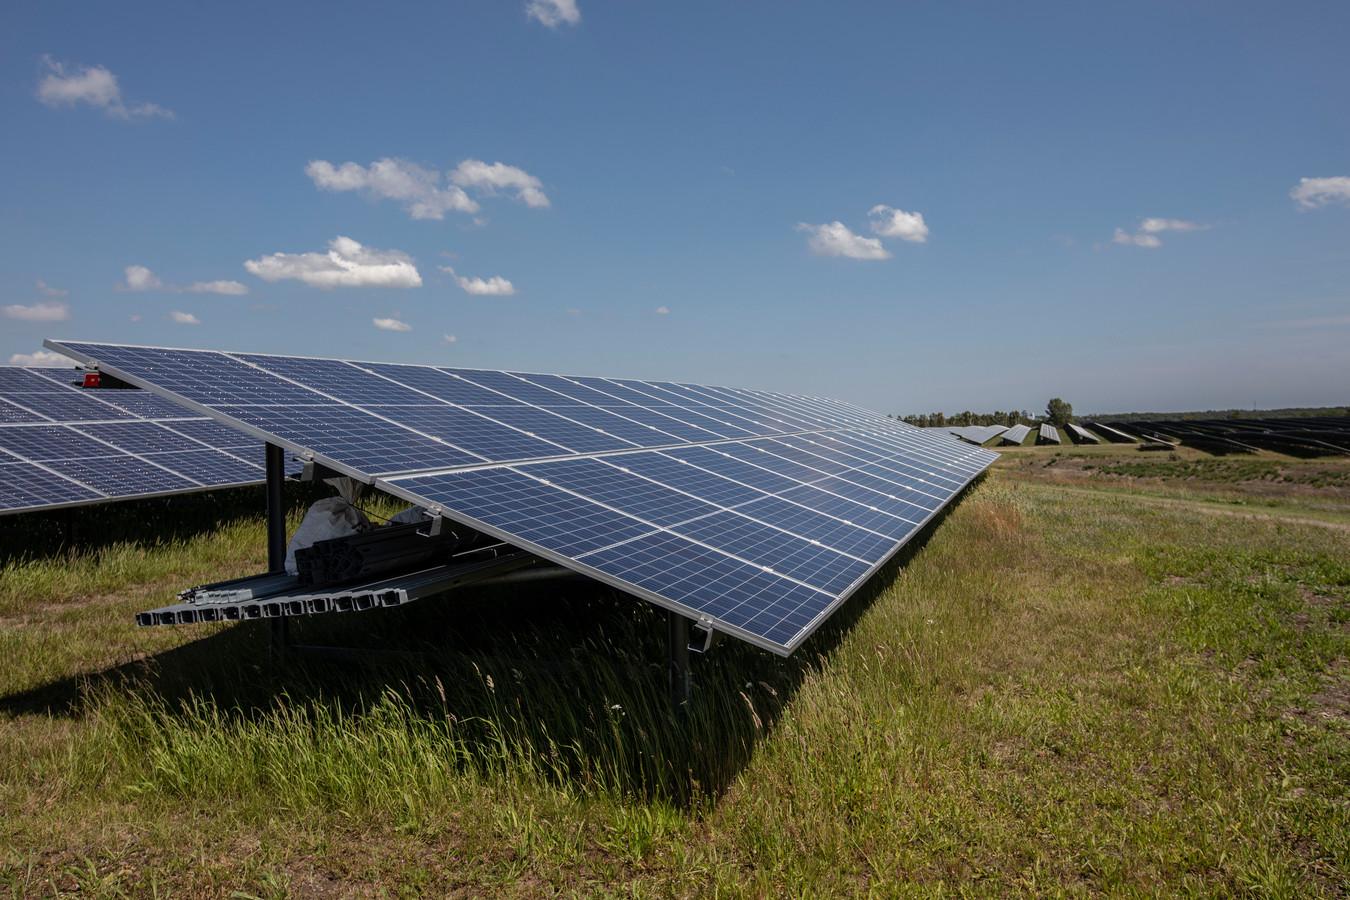 Op het terrein van de zinkfabriek in Budel-Dorplein werd vorig jaar al een zonnepark geopend van 65 hectare.